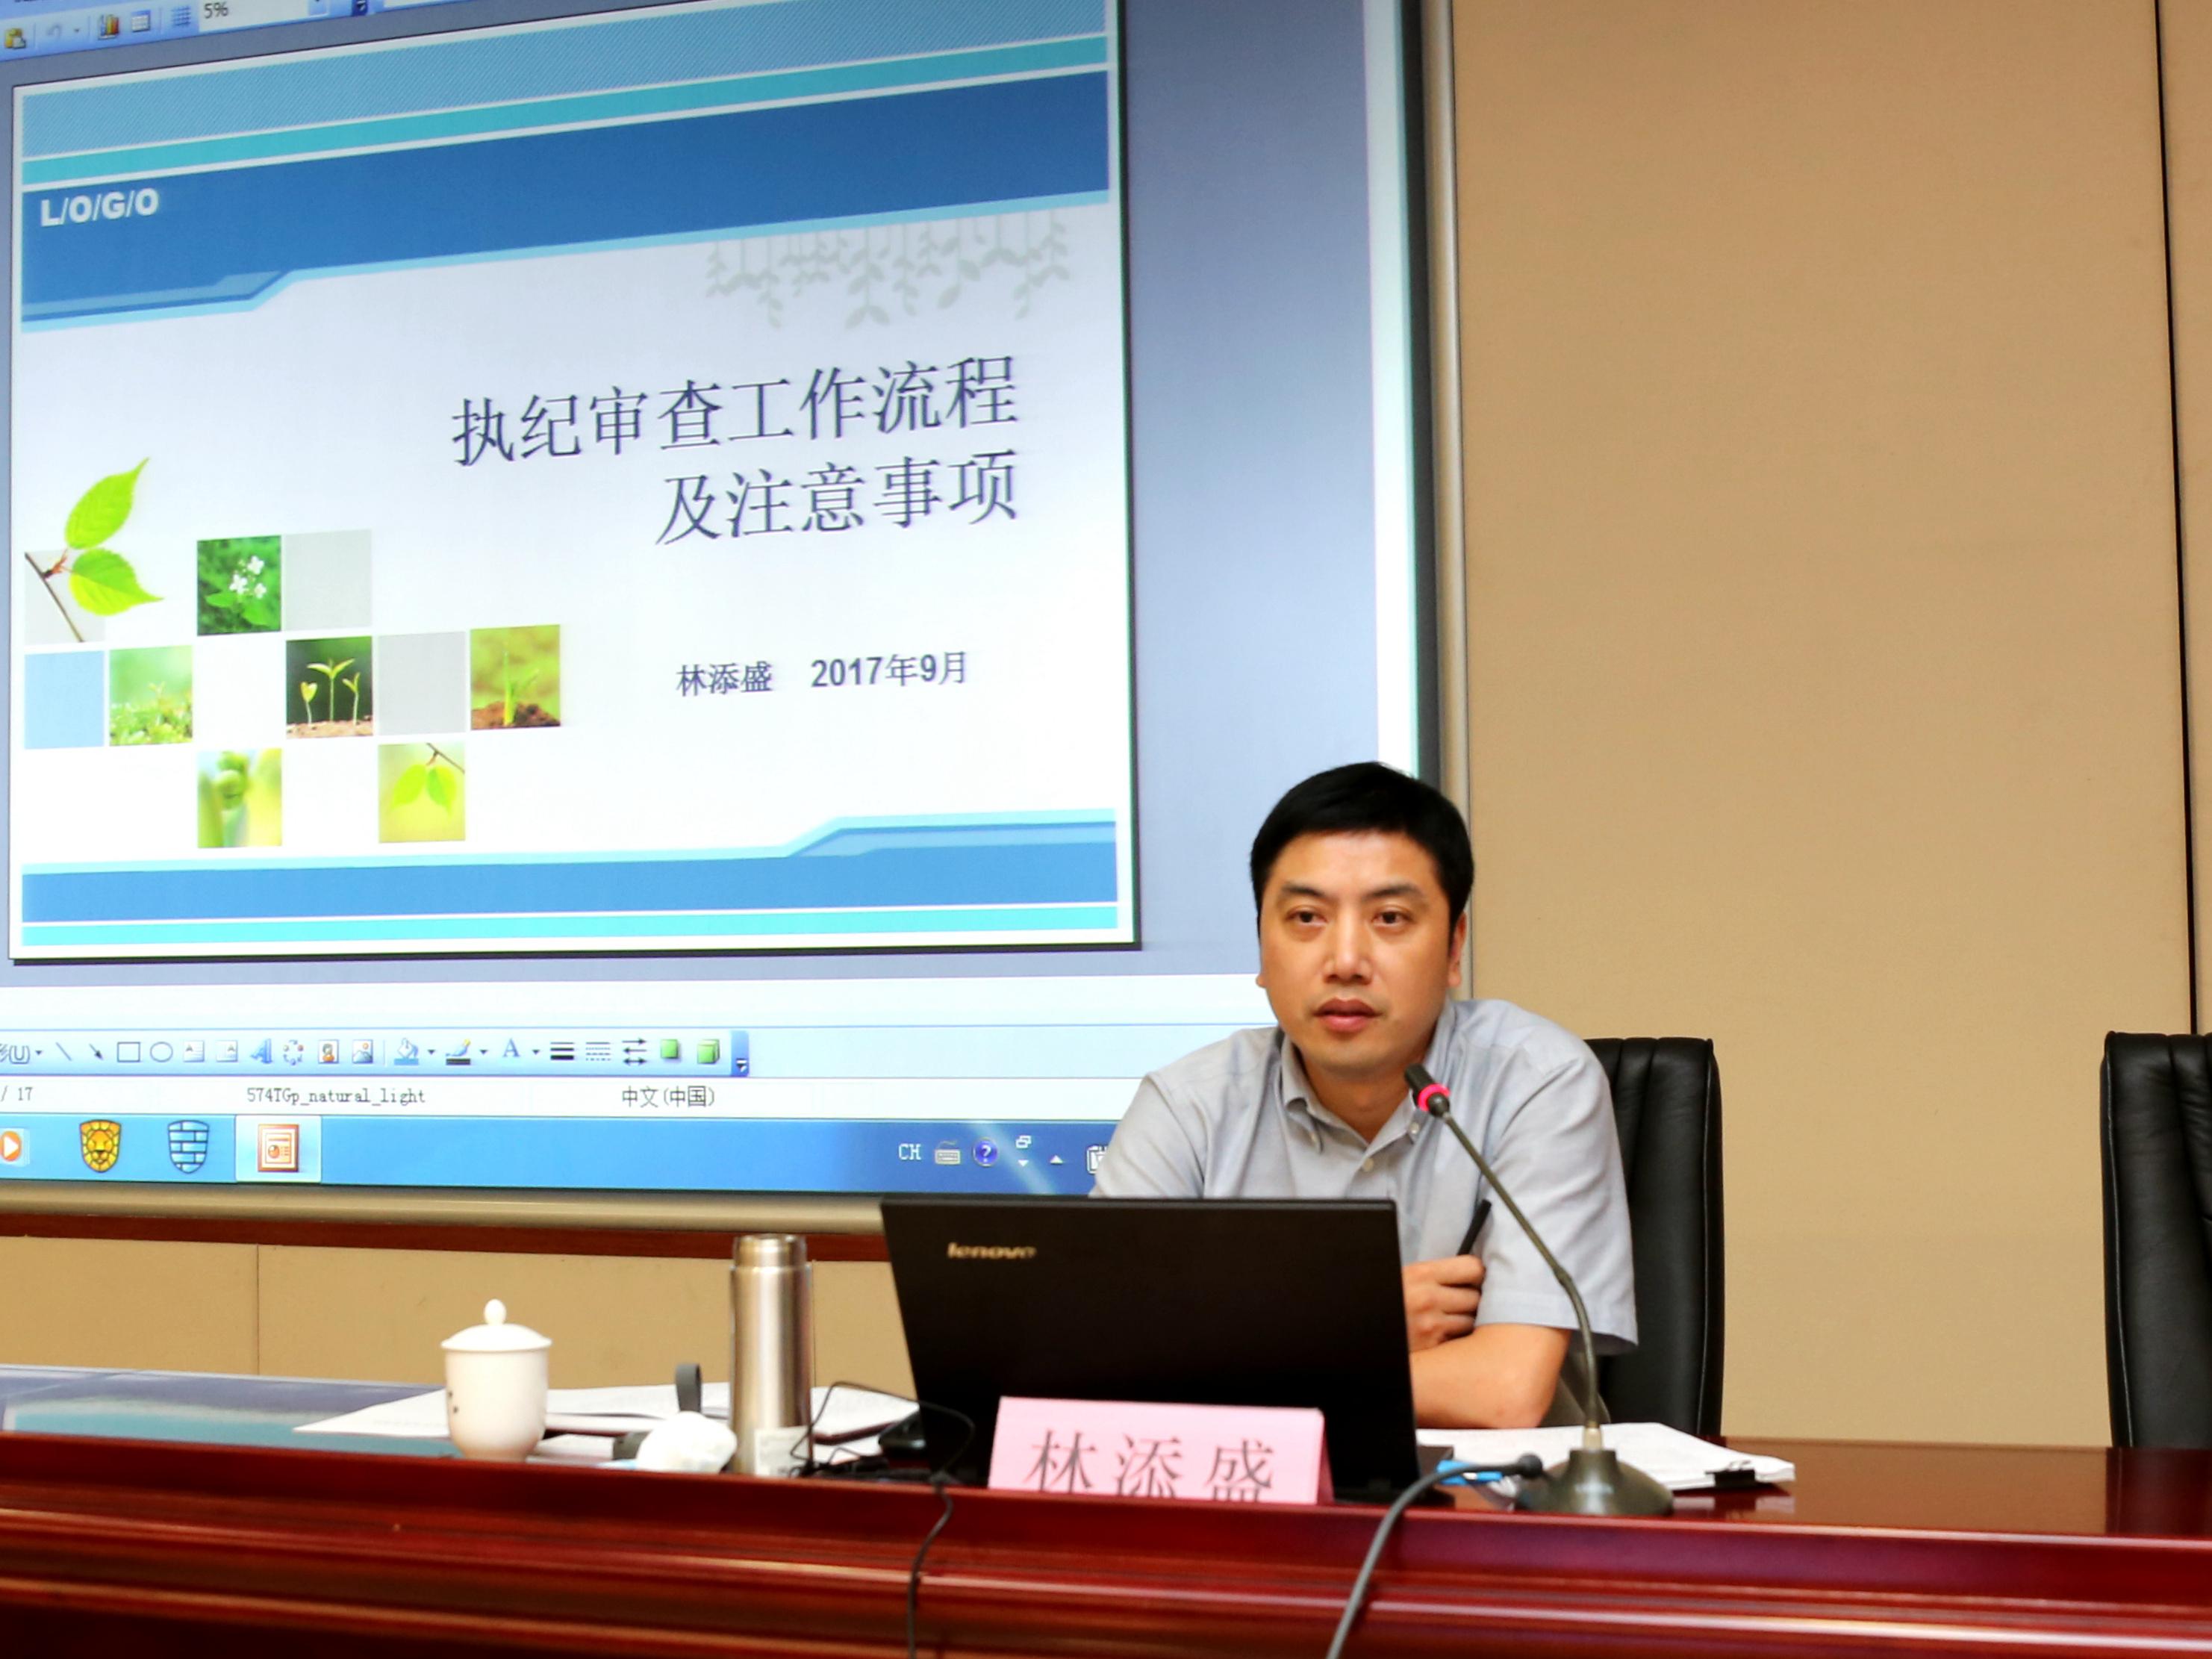 9月2日   :25 市纪委案件监督管理室主任林添盛讲授《执纪审查工作图片